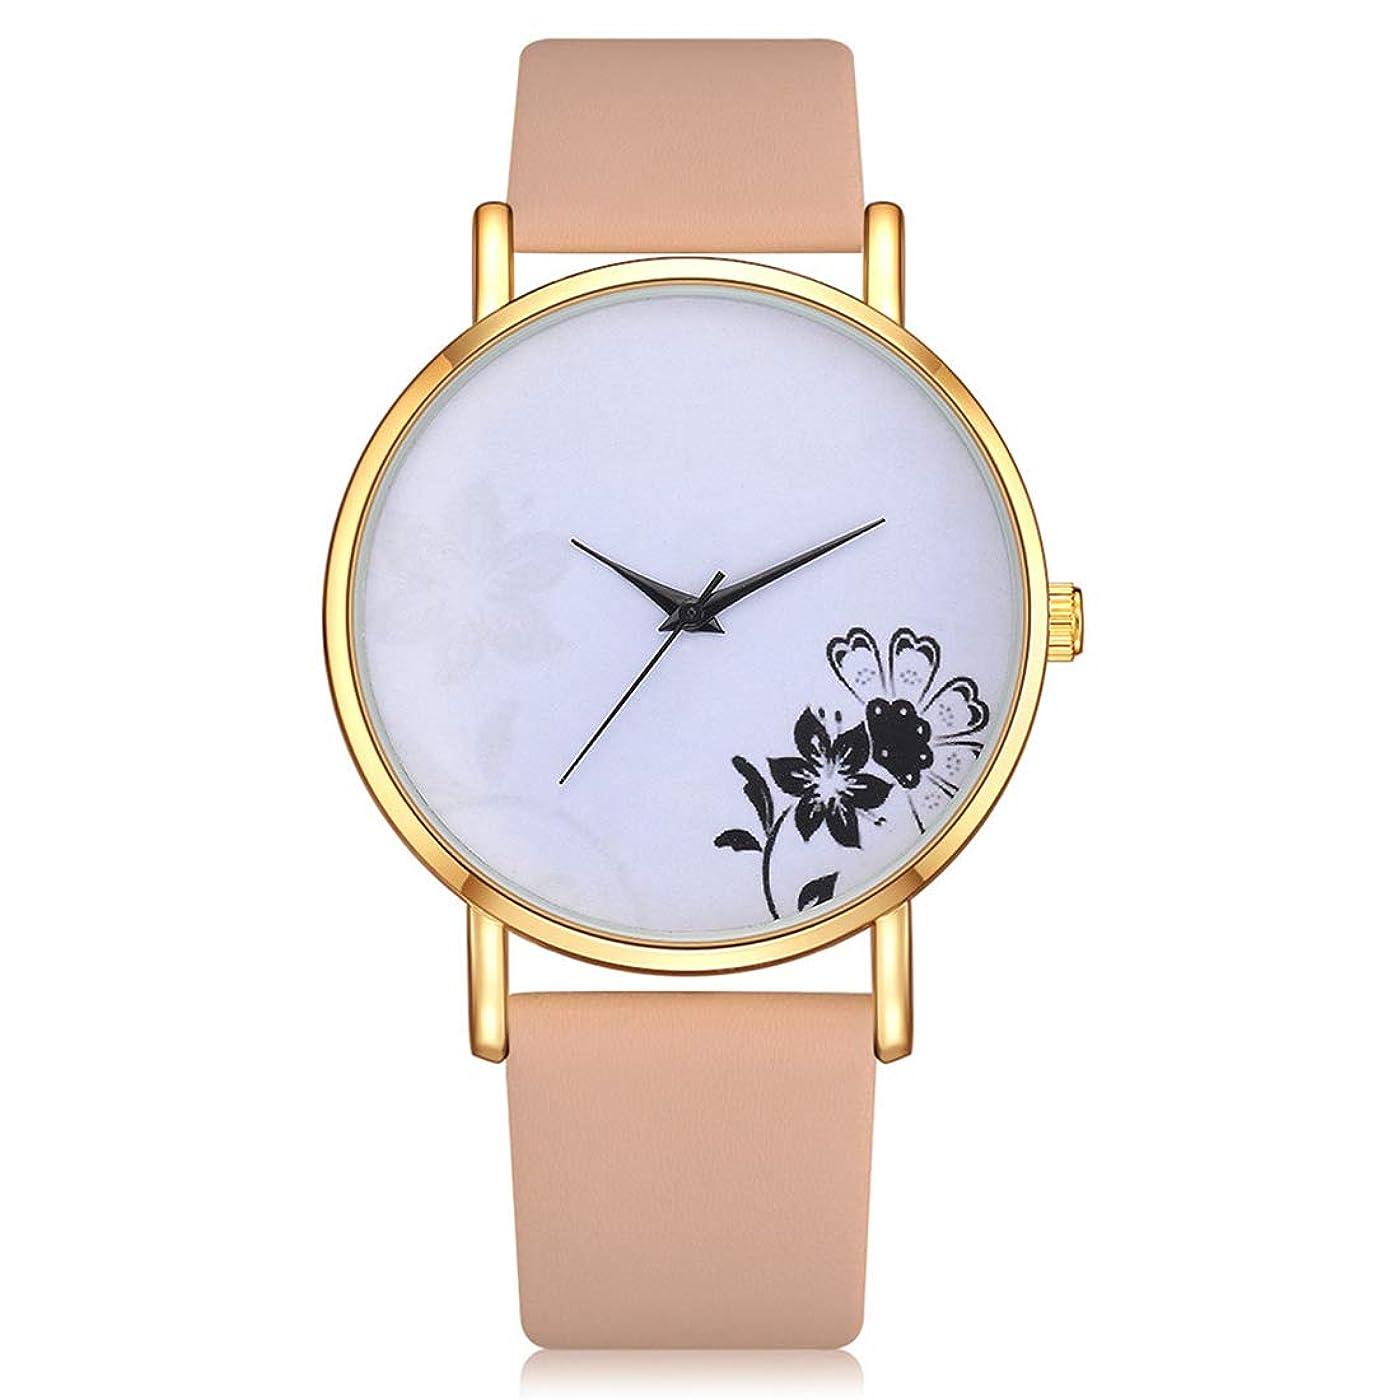 プレミアモナリザ質素な女性 'S人気のアートフラワーデザインカジュアルクォーツレザーバンド時計アナログ腕時計